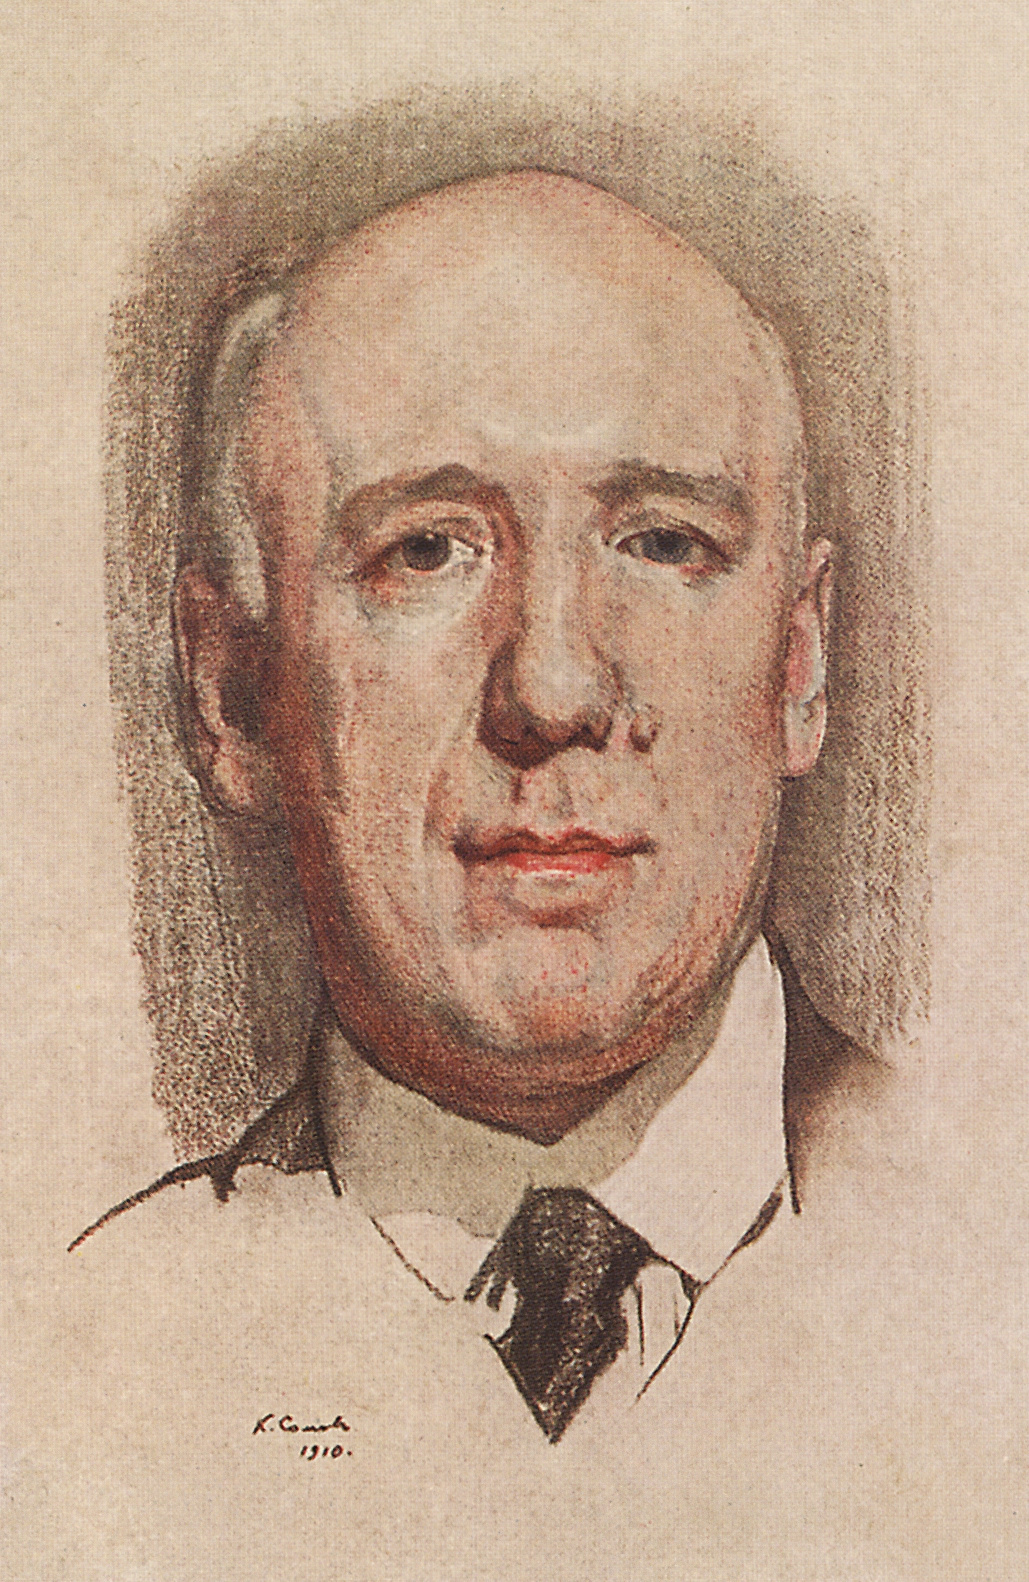 Konstantin Somov. Portrait Of Fyodor K. Sologub. Made for the collected works of F. K. Sologub